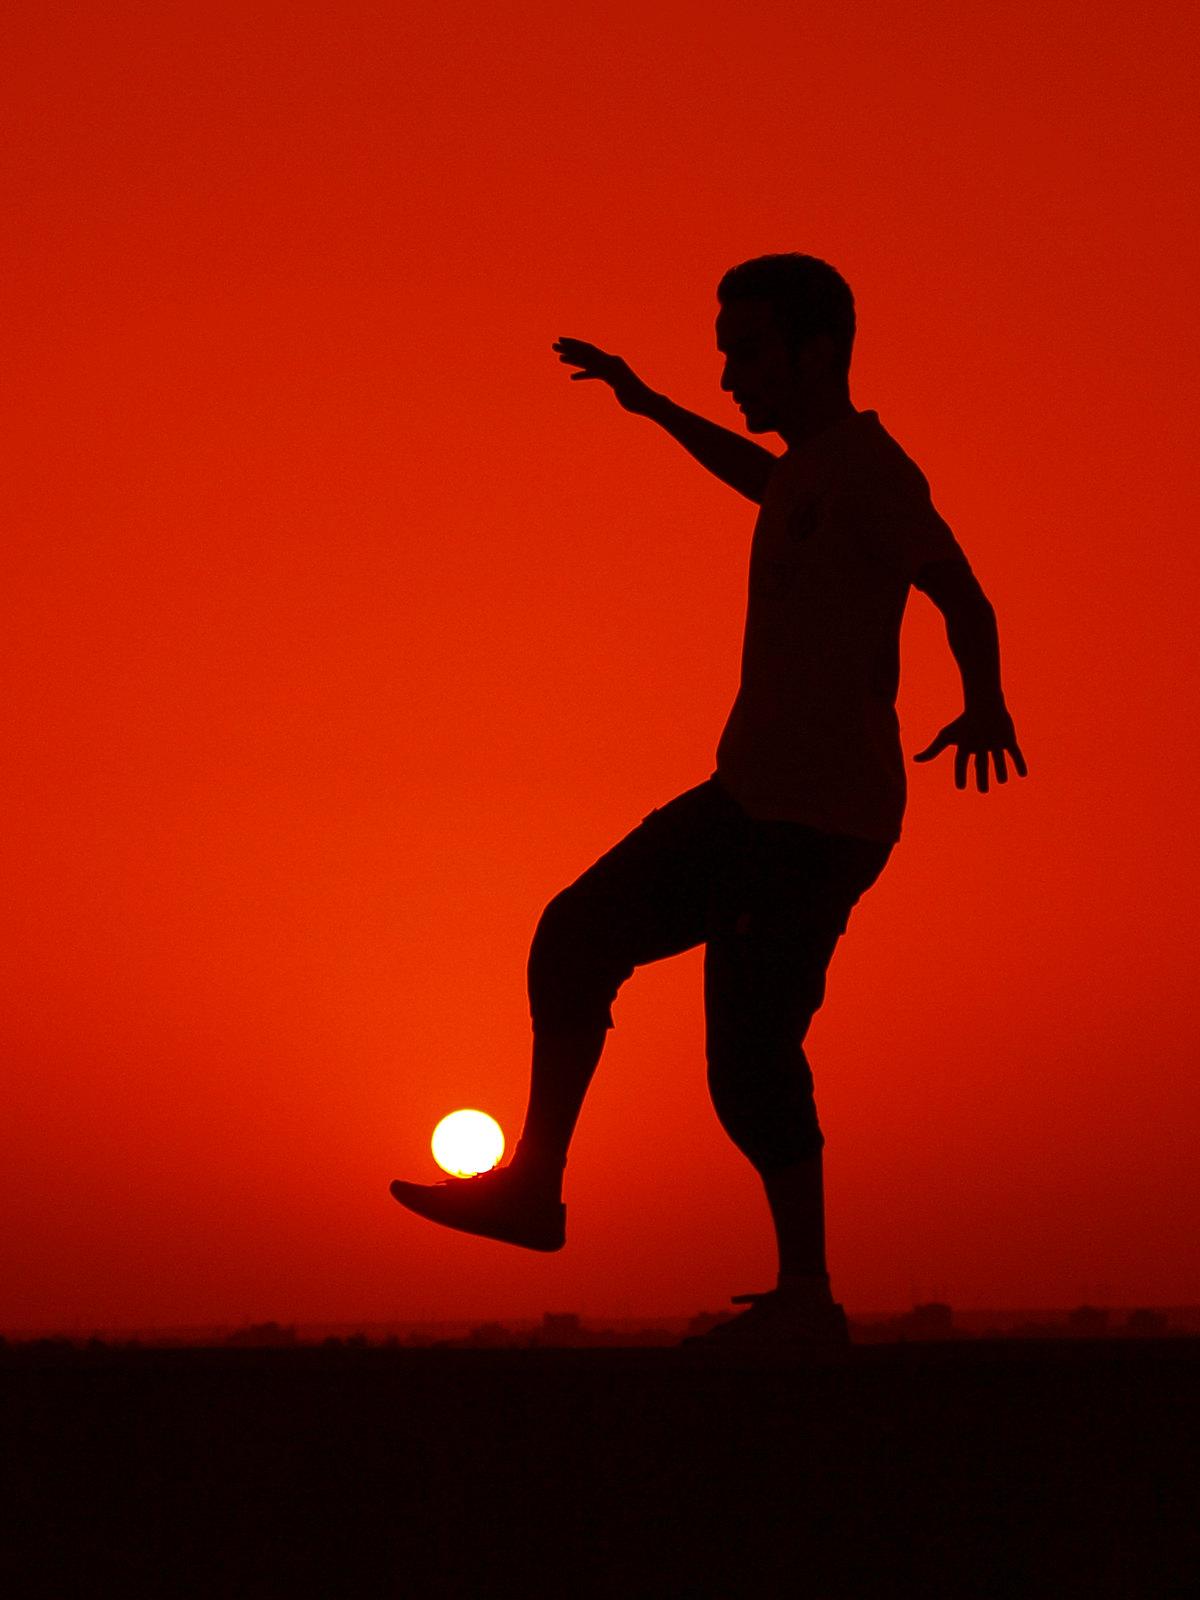 Słońce zamiast piłki